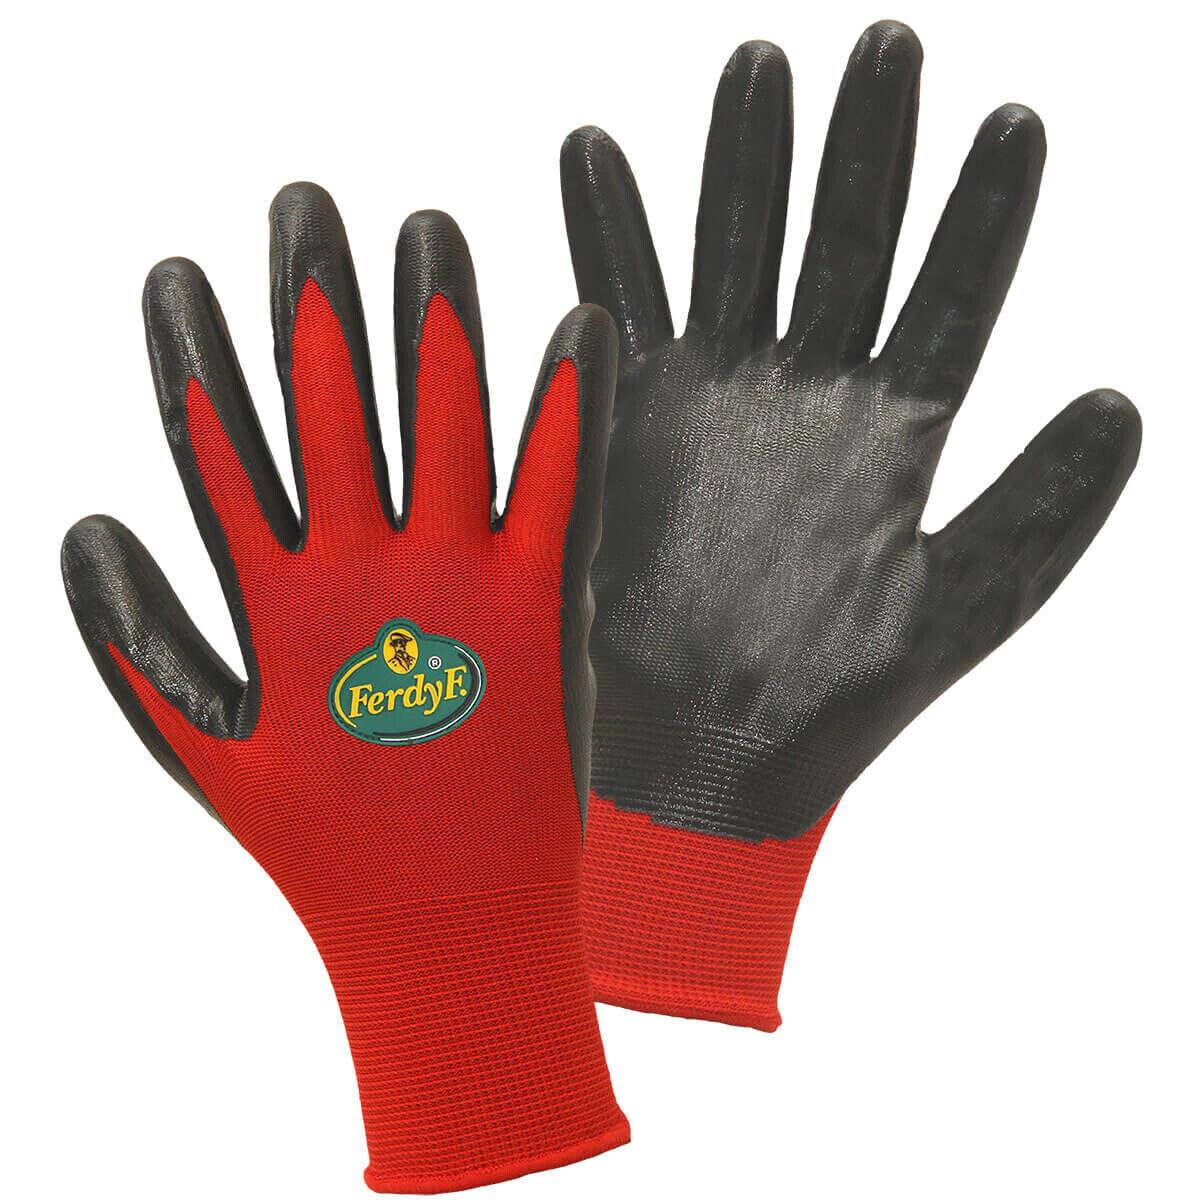 Gartenhandschuhe DYNAMIC Herrengröße FerdyF Handschuhe Arbeitshandschuhe 11561